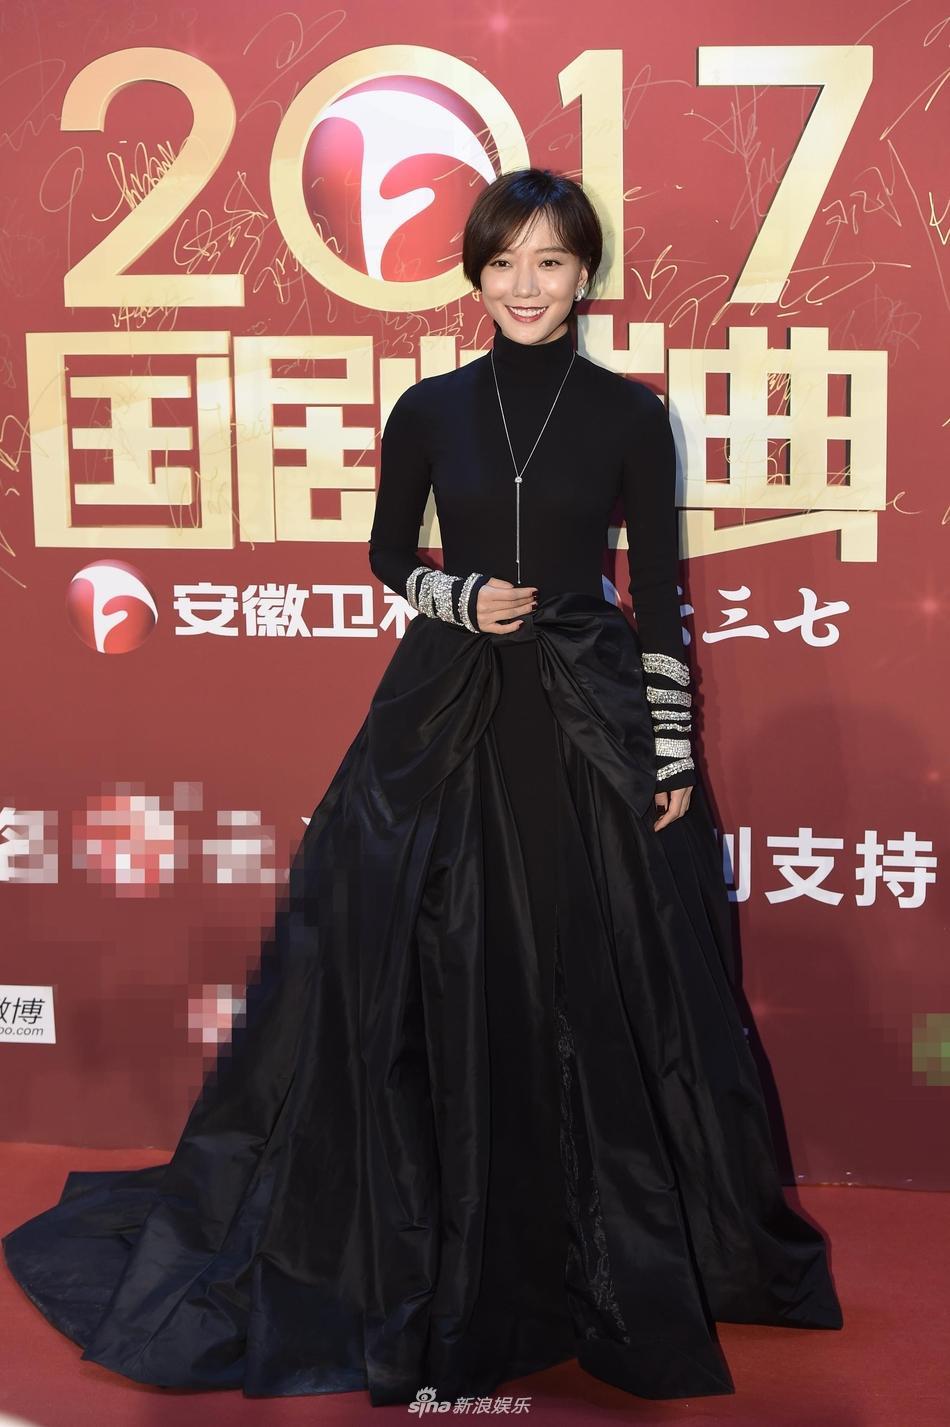 Lâm Y Thần bị chê kém sắc, mỹ nhân phim Kong nổi bật trên thảm đỏ-10